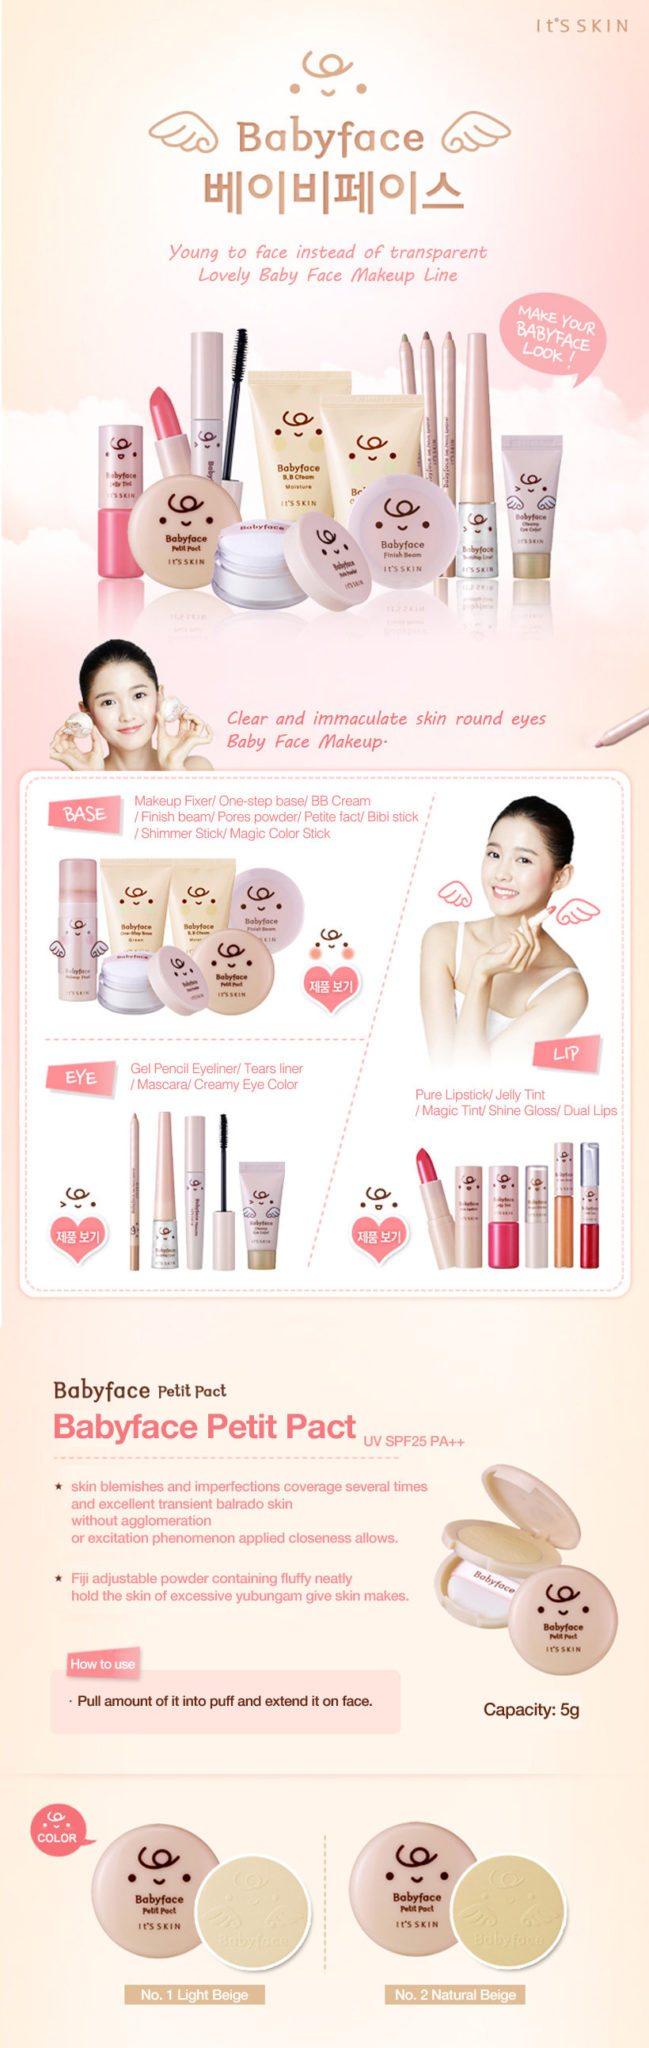 It's Skin Babyface Petit Pact SPF 25 PA++ 5g malaysia singapore indonesia